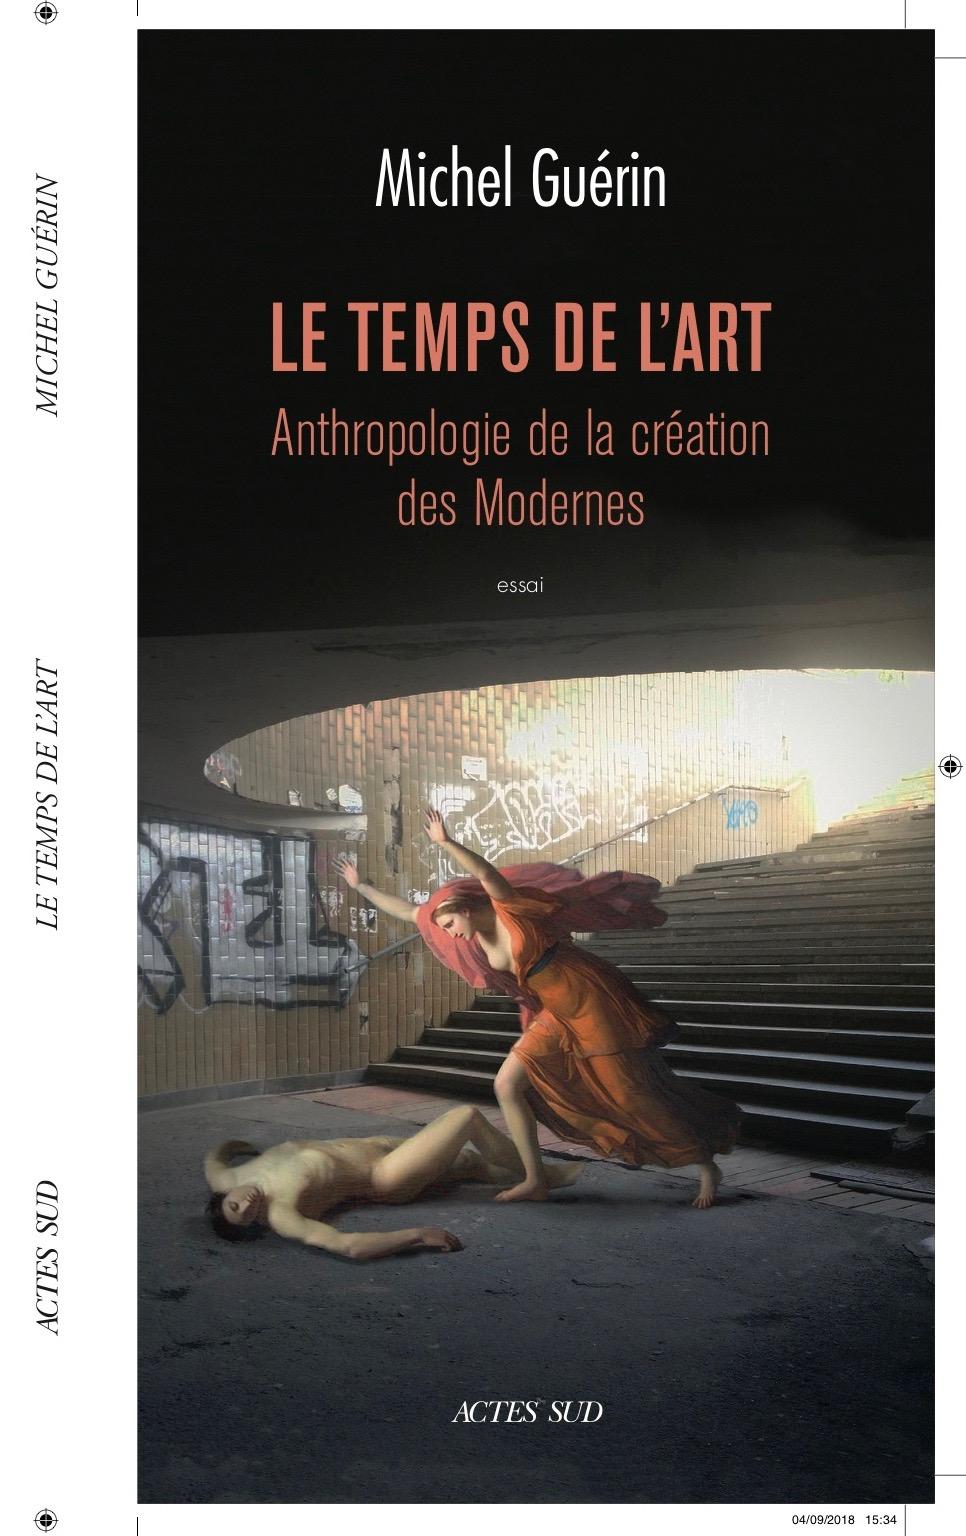 M. Guérin, Le Temps de l'art (Anthropologie de la création des Modernes)